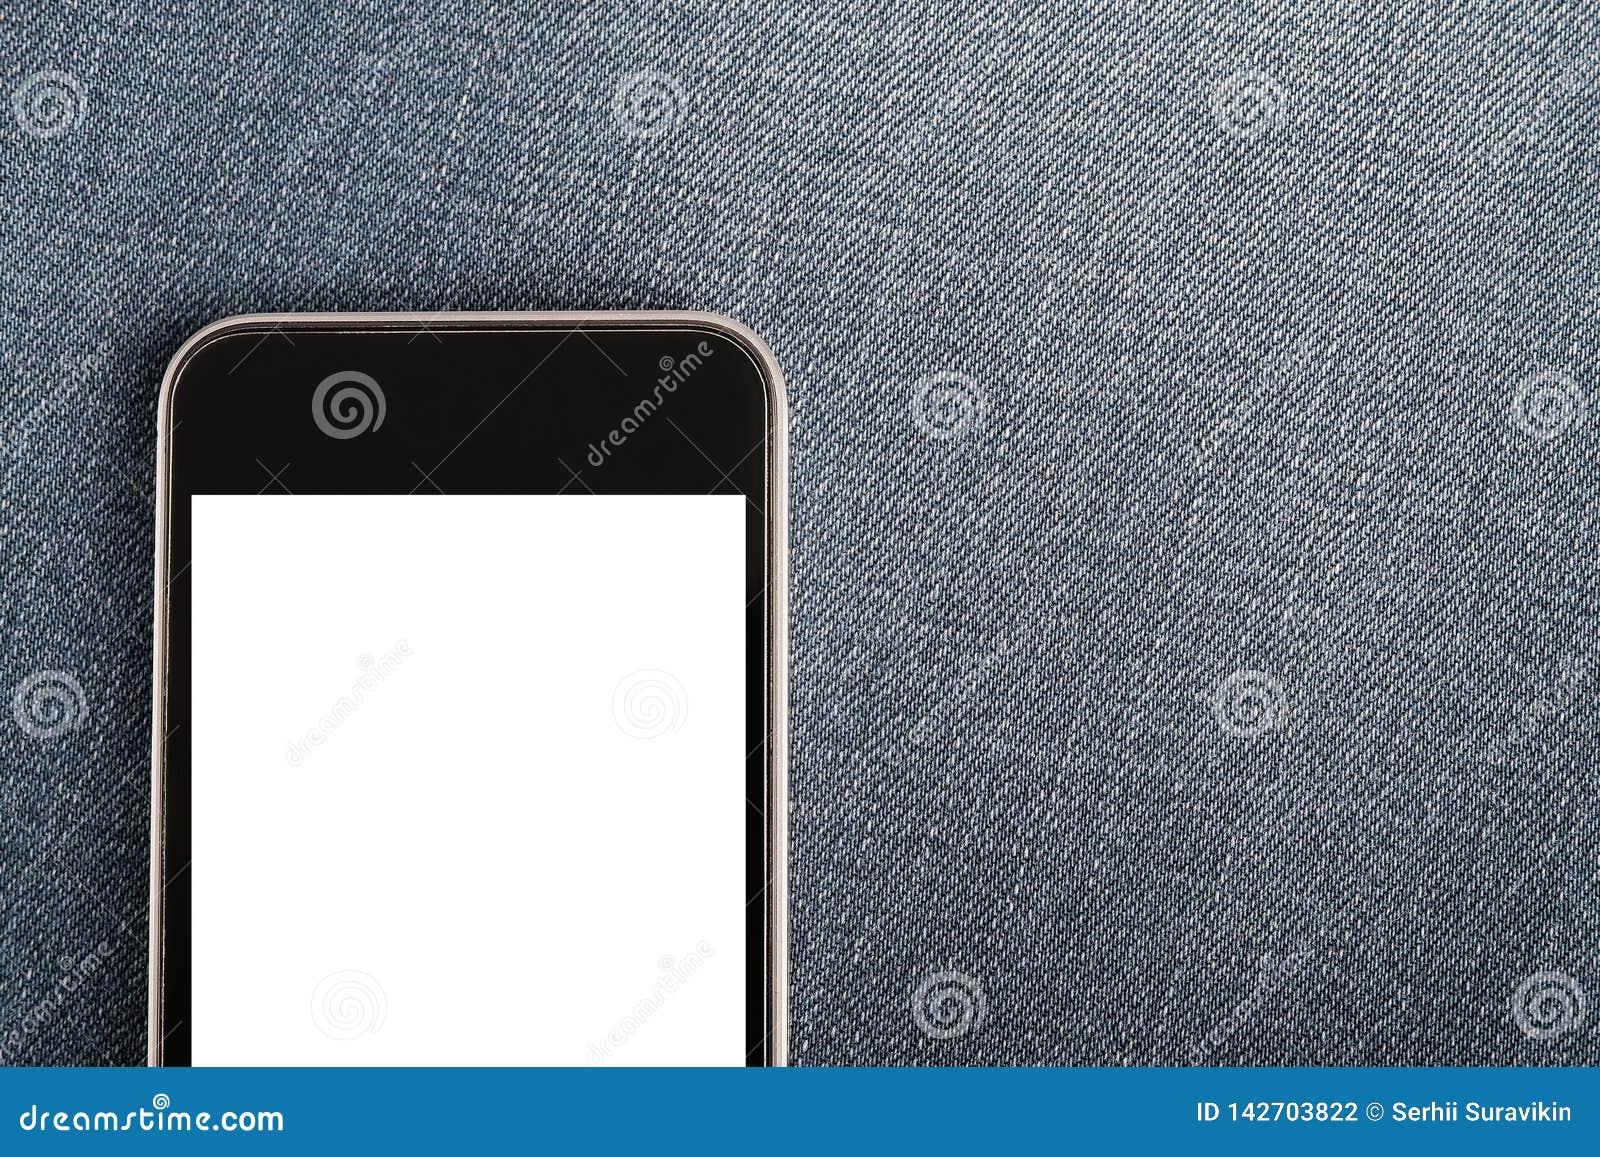 Spot omhoog met verticale richtlijn moderne smartphone op denimtextiel